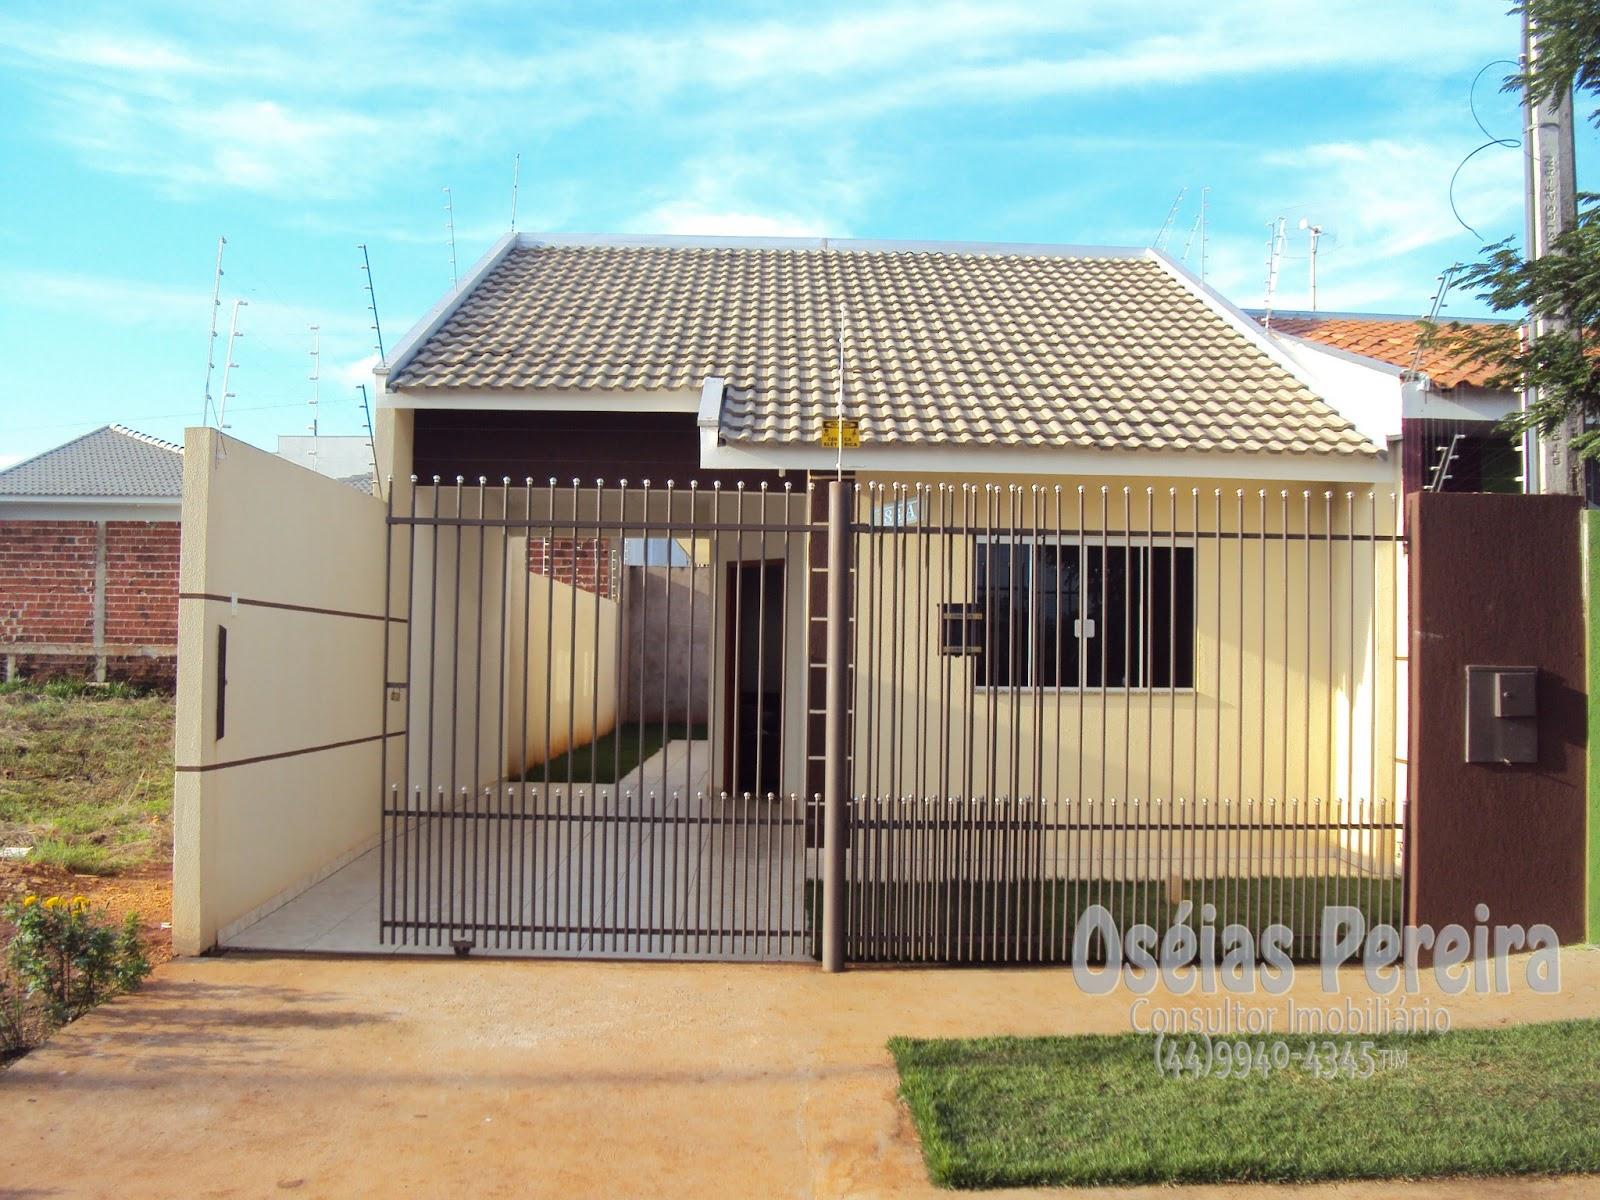 em Construções: Casas Geminadas do Construtor Toninho G. em Maringá #12A0B9 1600x1200